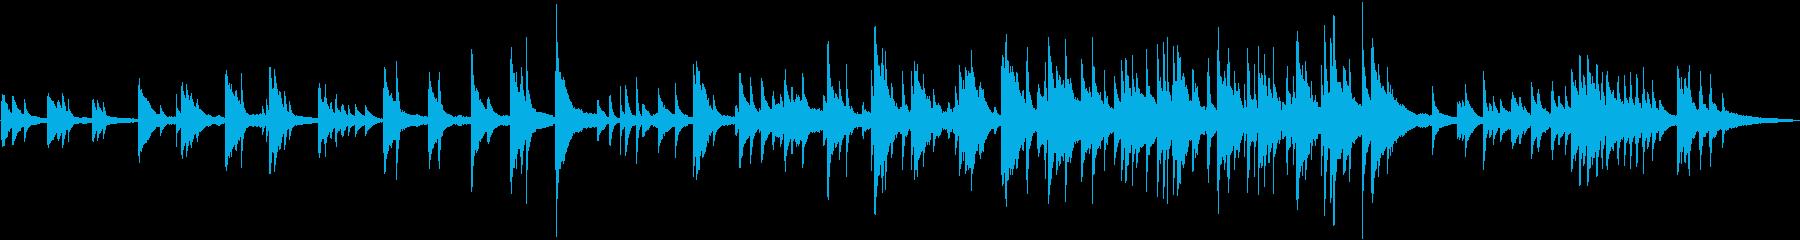 夏 風景 ドローン 空撮 ■ ピアノソロの再生済みの波形